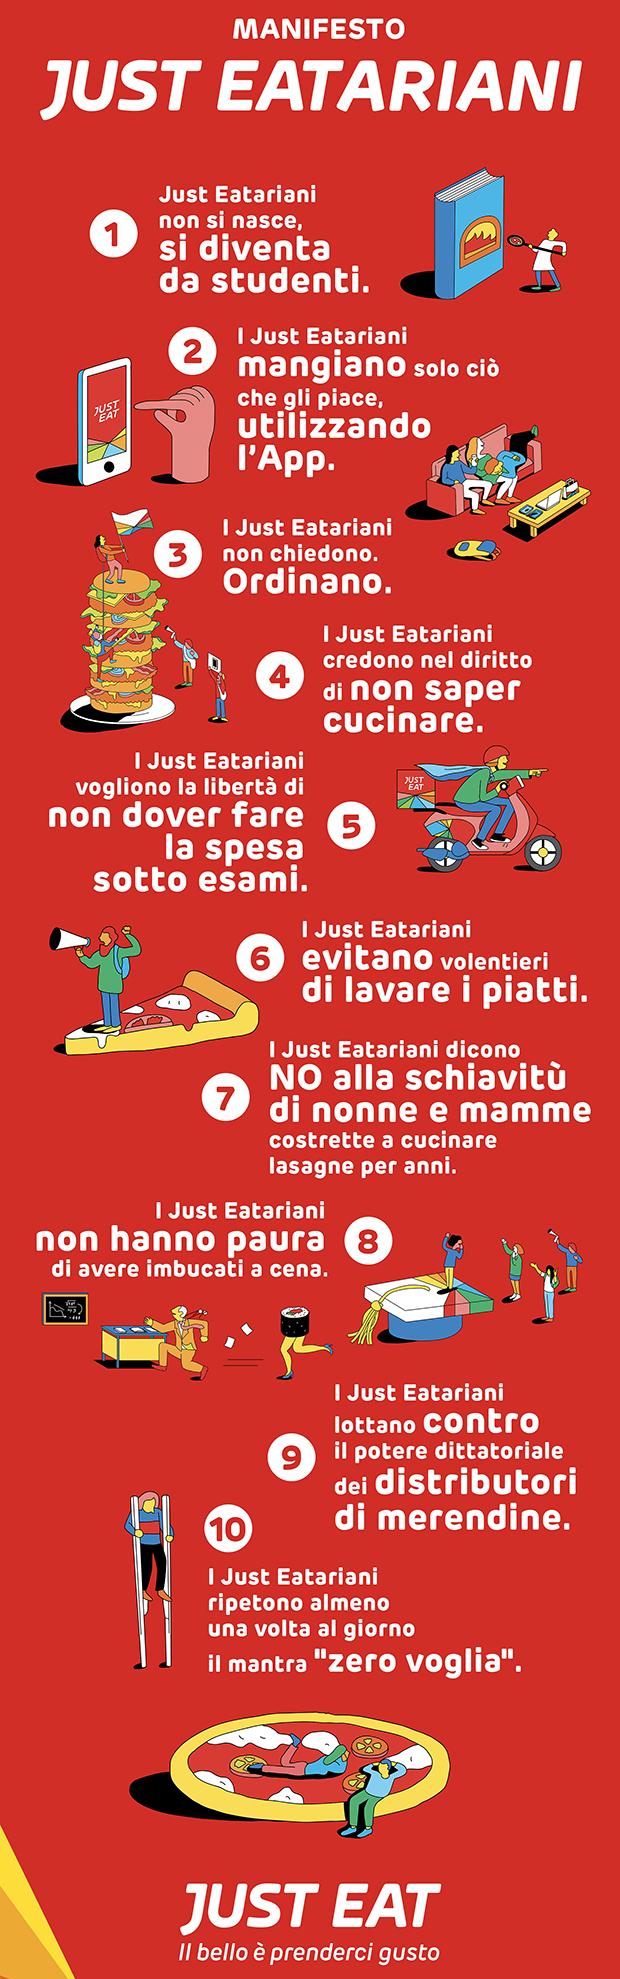 Manifesto-Just-Eat